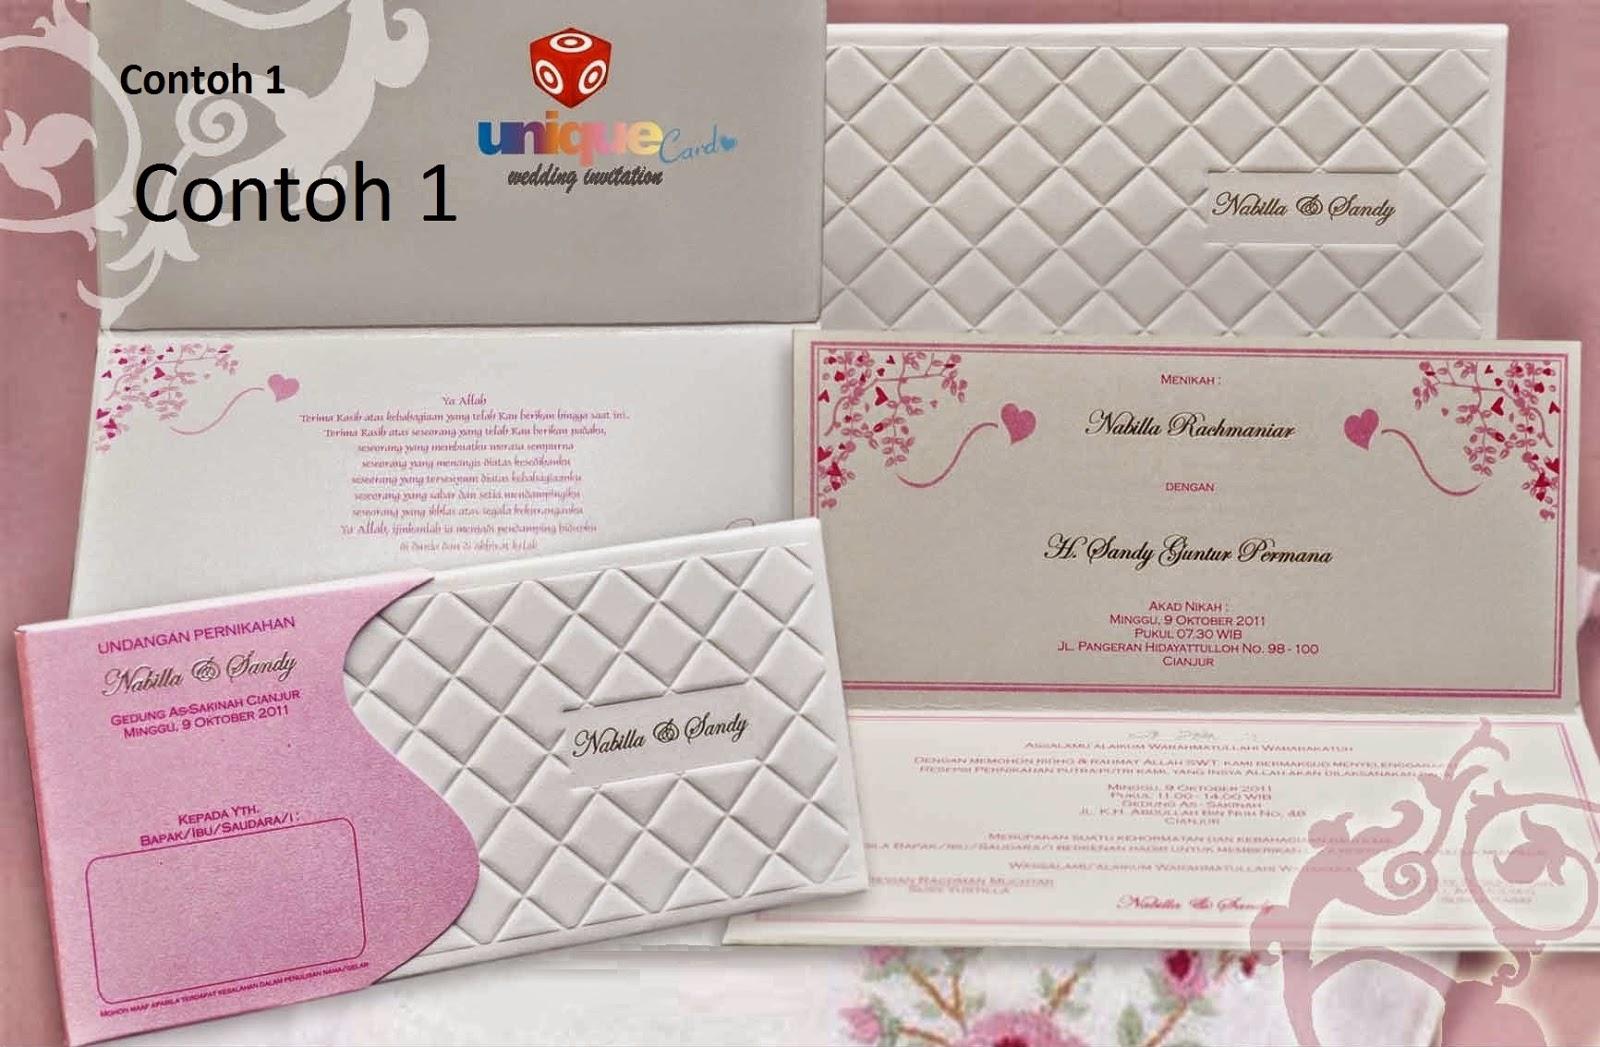 Aneka Contoh Undangan Pernikahan Unik Elegan Dan Kreatif 2019 Mei